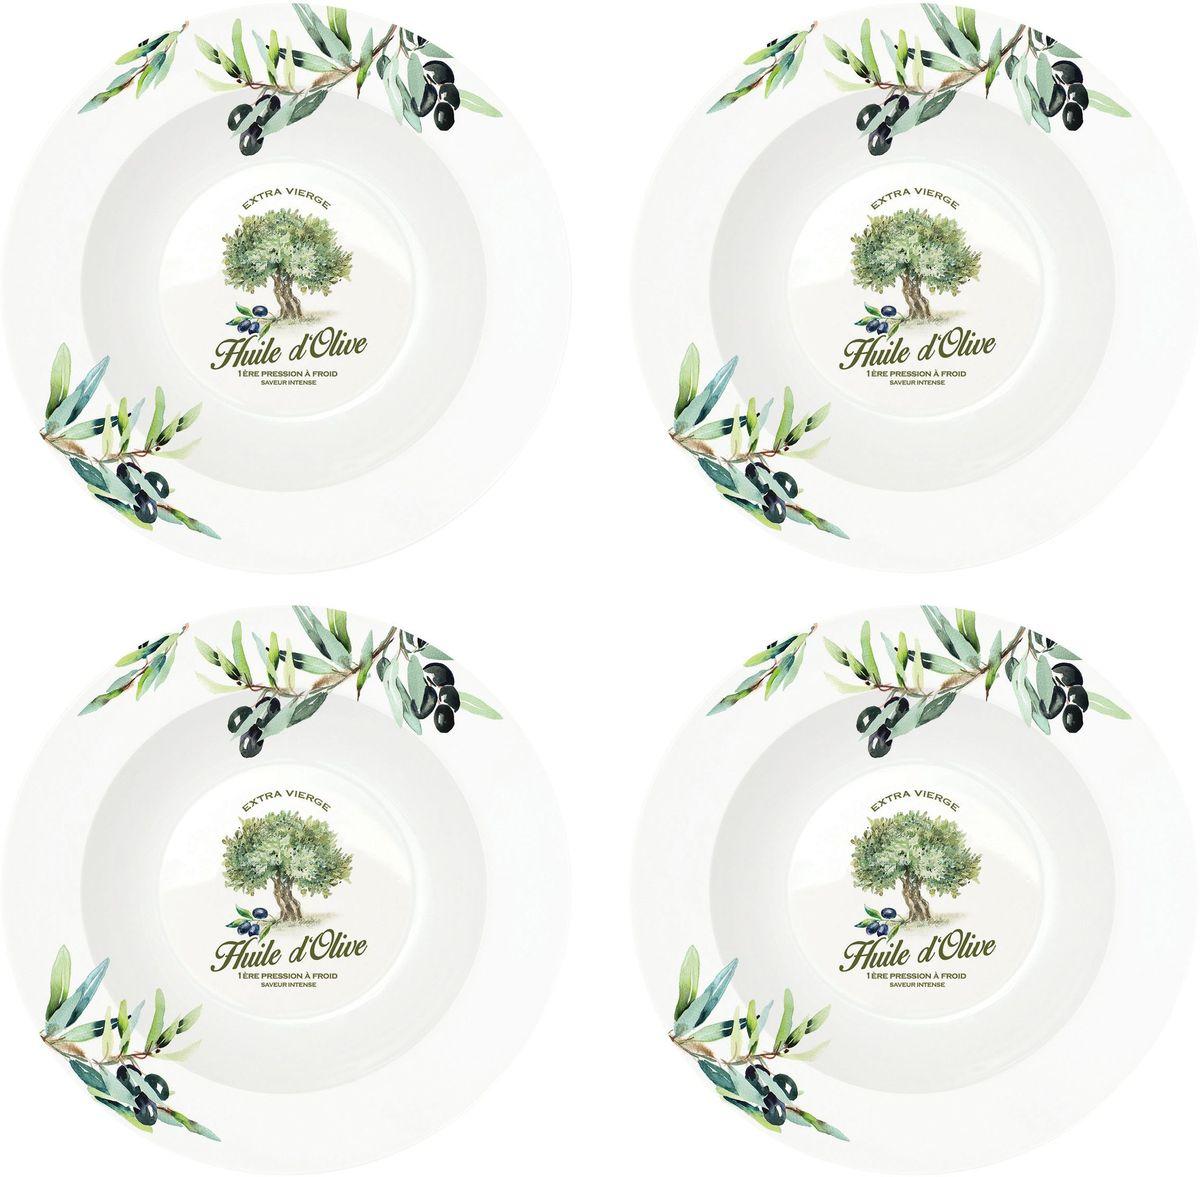 Набор тарелок Nuova R2S Прованс, диаметр 22 см, 4 шт819PROVНабор Nuova R2S Прованс, выполненный из высококачественного фарфора, состоит из четырех тарелок и предназначен для красивой сервировки различных блюд. Изделия оформлены красочным изображением и сочетают в себе стильный дизайн с максимальной функциональностью.Оригинальность оформления придется по вкусу и ценителям классики, и тем, кто предпочитает утонченность и изящность.Можно использовать в микроволновой печи и мыть в посудомоечной машине.Диаметр тарелки: 22 см.